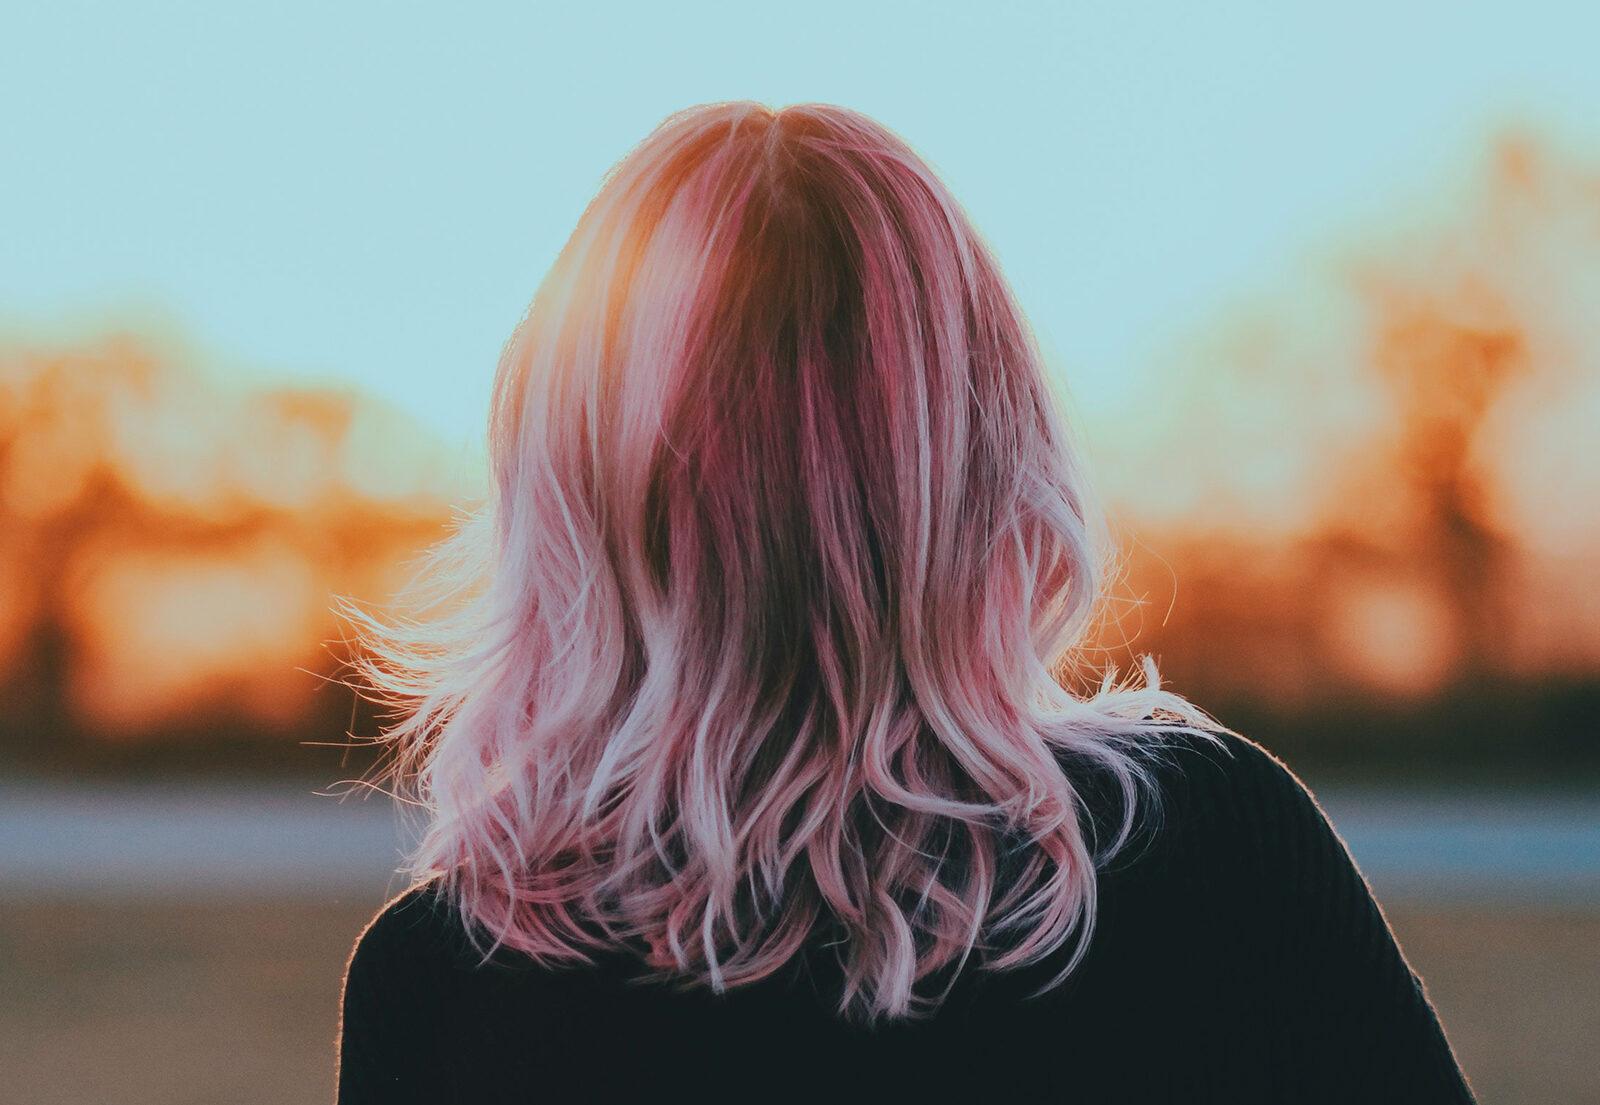 ¿Quieres saber cómo conseguir colores fantasía a la vez que cabellos sanos?